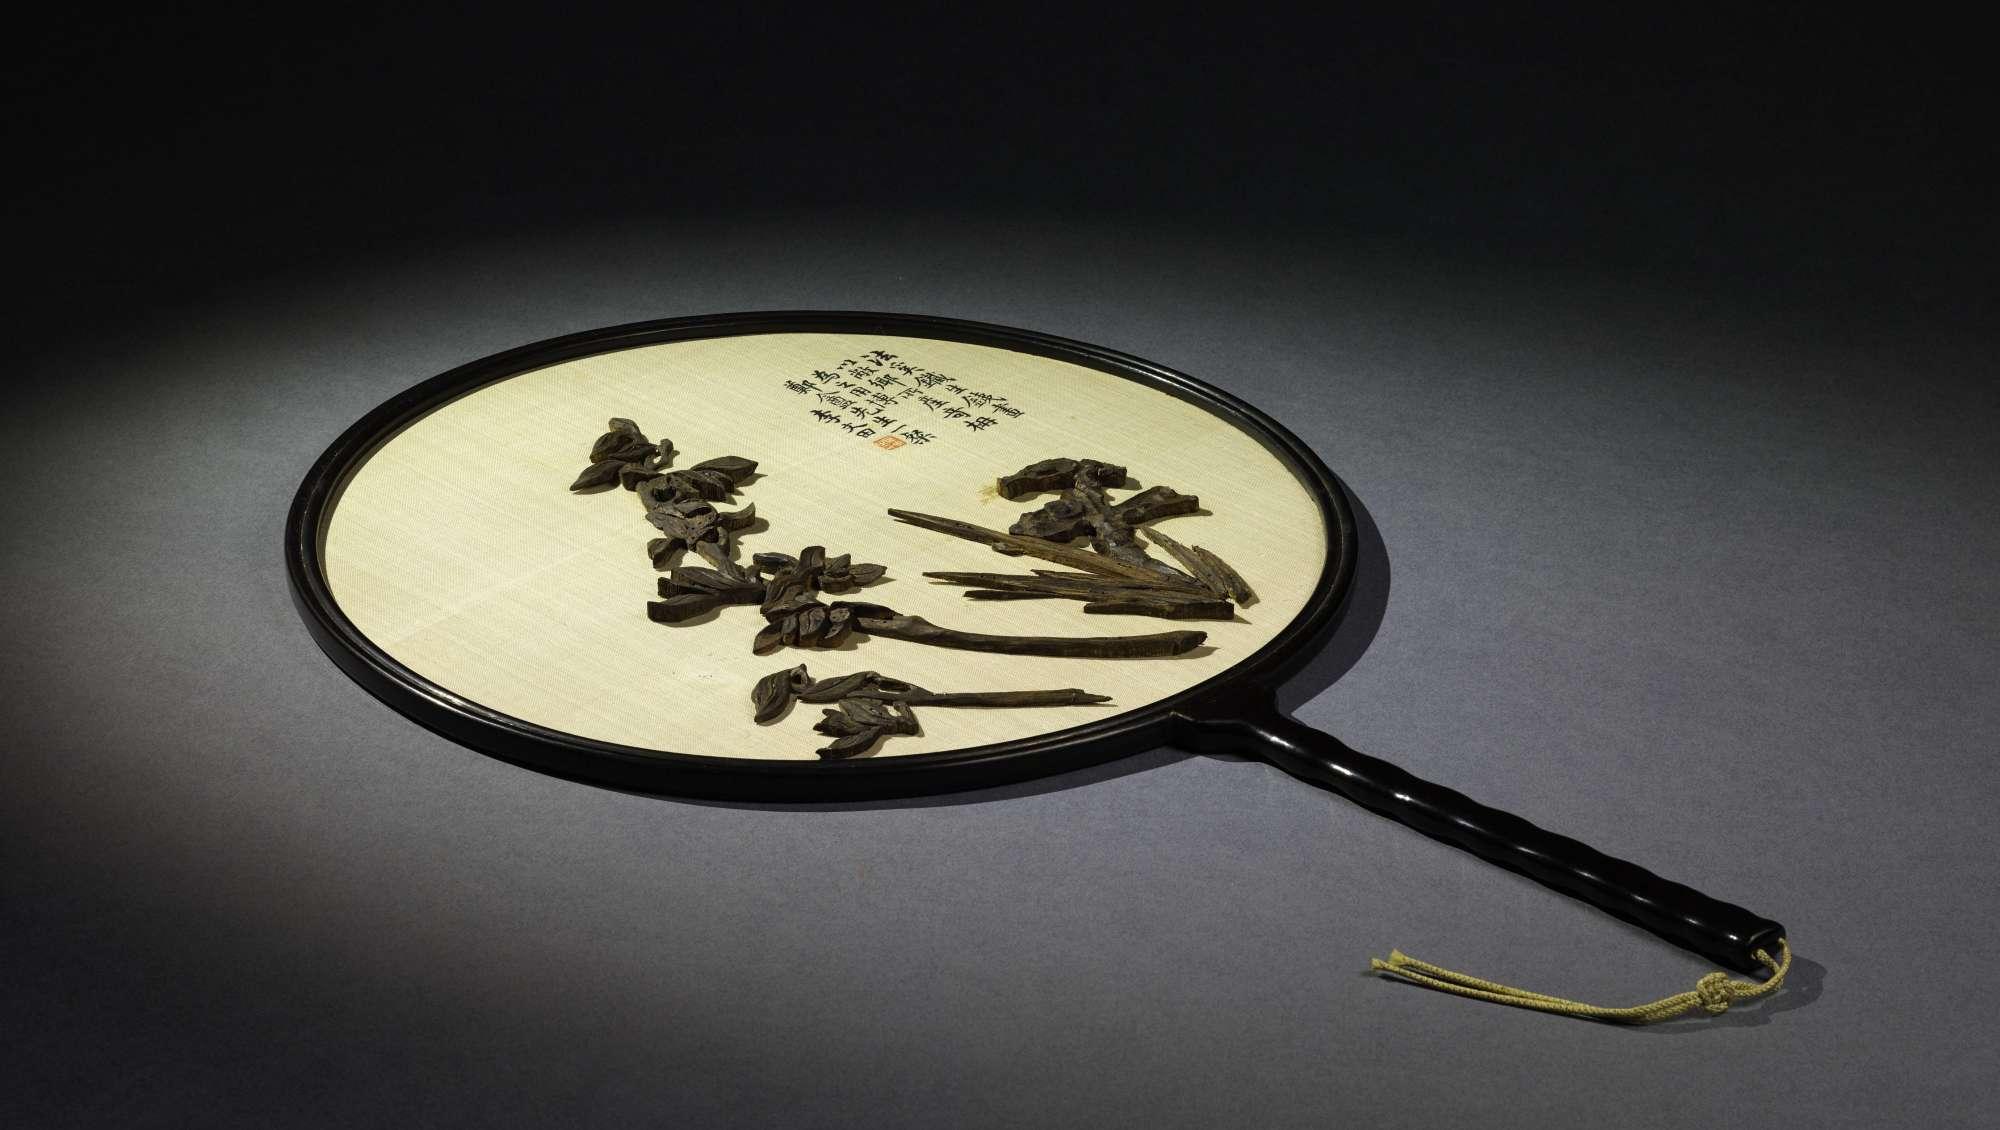 «Le bois d'aigle ou bois d'aloès est sans doute le parfum préféré des lettrés chinois. Généralement consumé dans un brûle-parfum, il est parfois directement sculpté pour créer des objets naturellement parfumés. C'est le cas du délicat décor floral de cet éventail.»